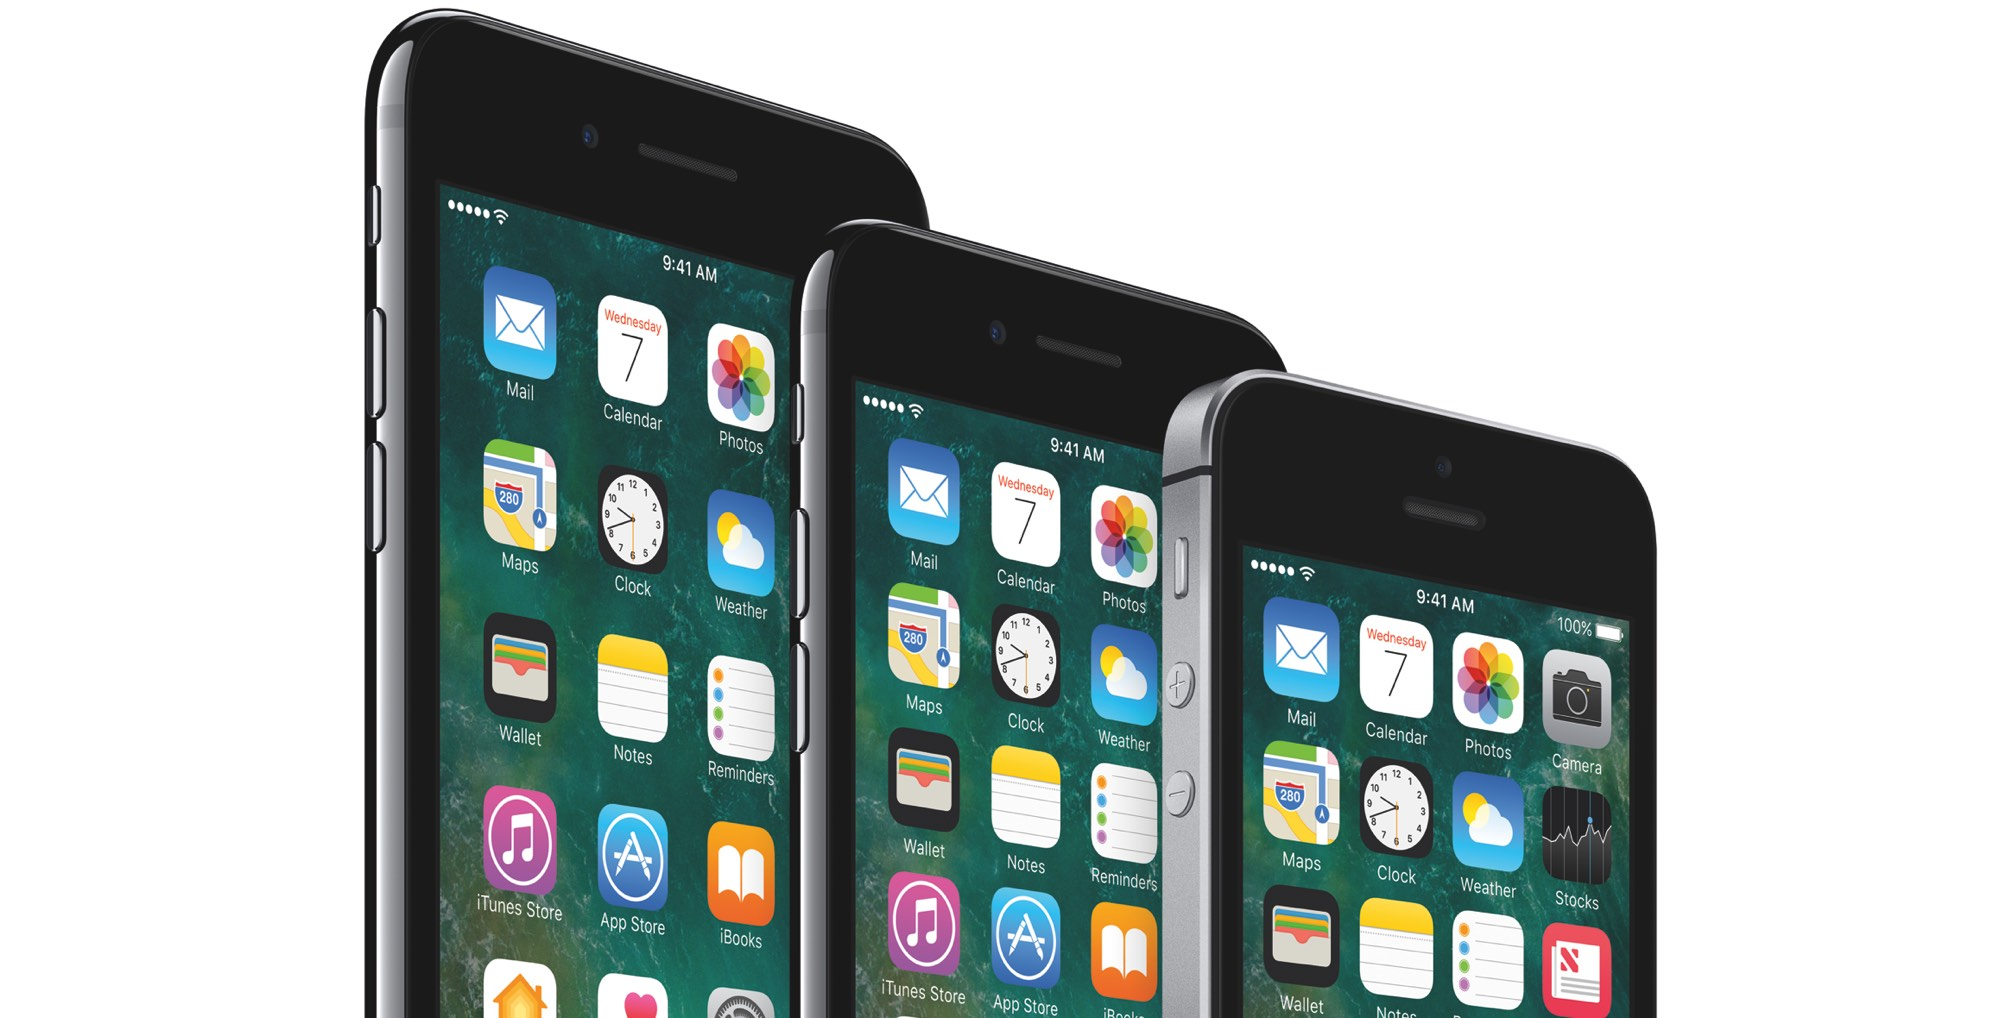 Iphone Mikro Bei Telefonieren Geht Nicht